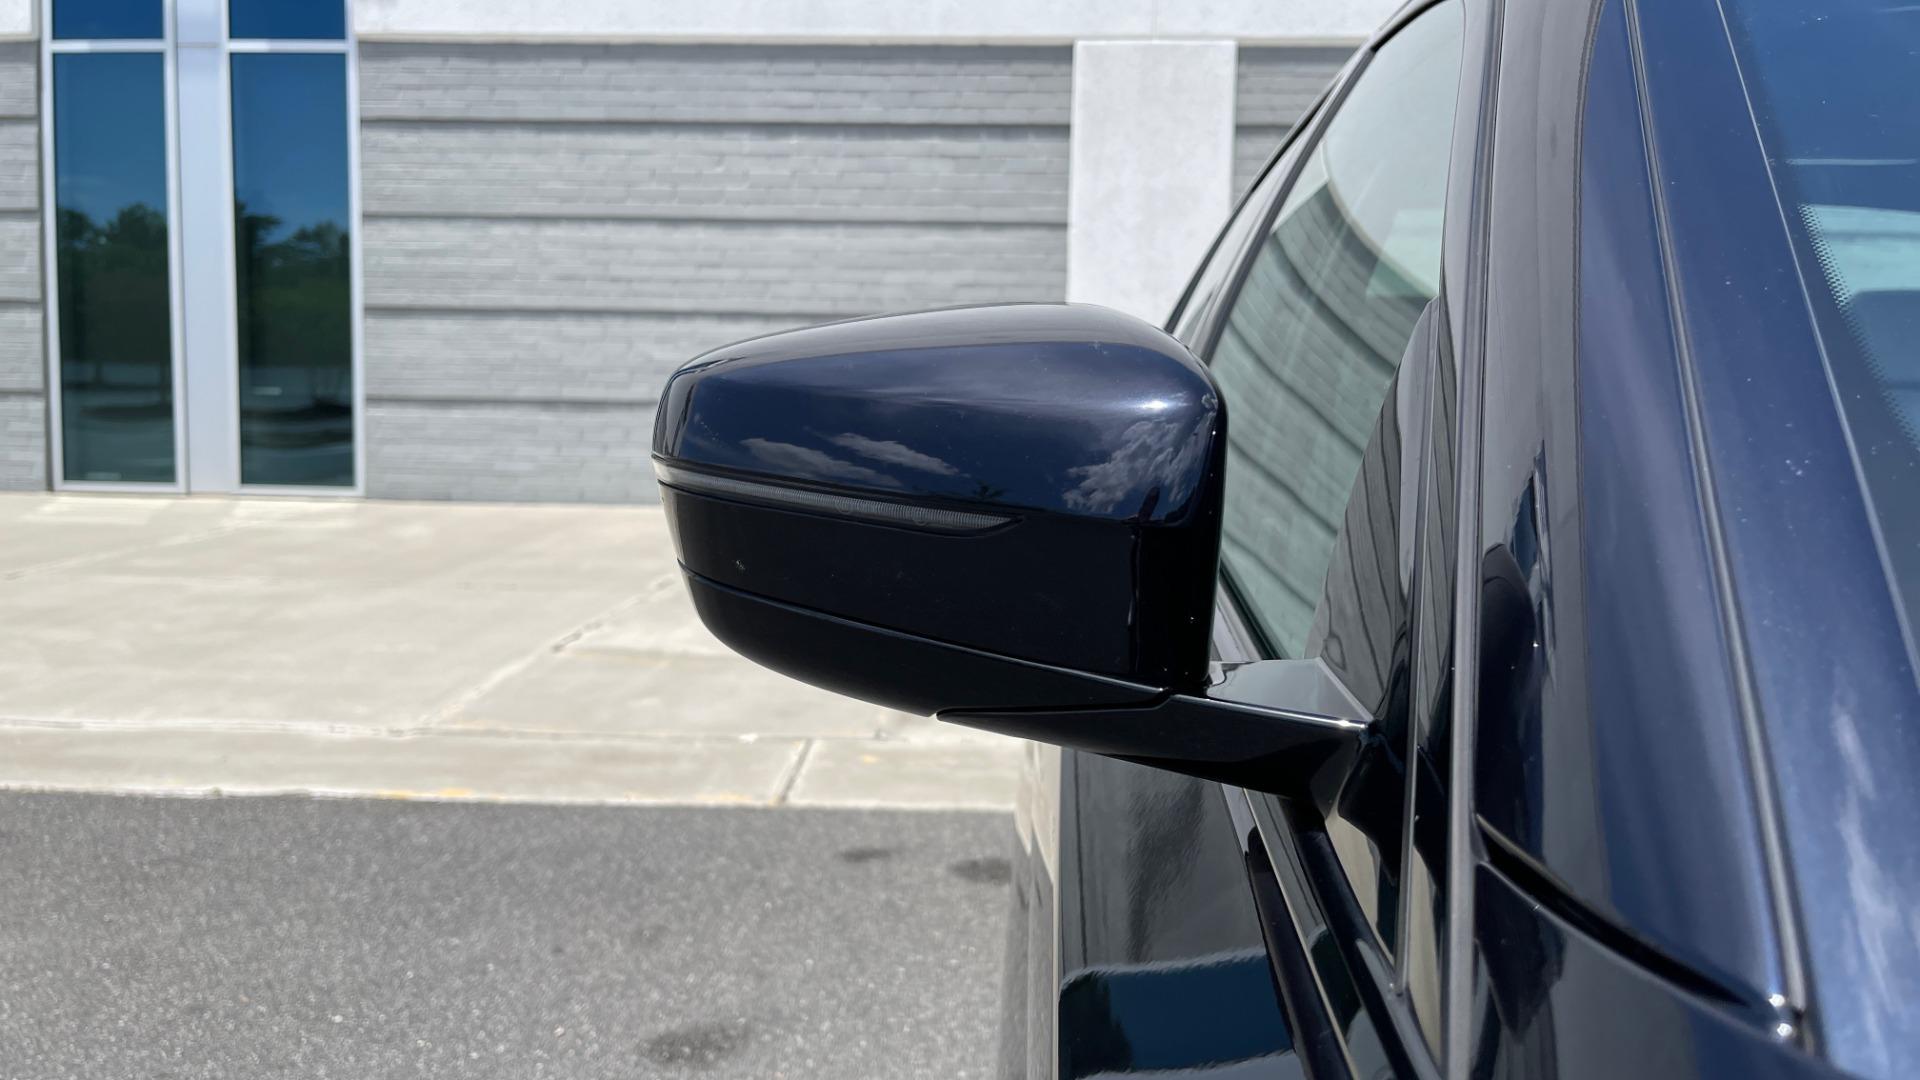 Used 2018 BMW 5 SERIES 540I M-SPORT / EXECUTIVE PKG / DRVR ASST PKG / BLIND SPOT / LANE DEPART for sale $40,995 at Formula Imports in Charlotte NC 28227 20